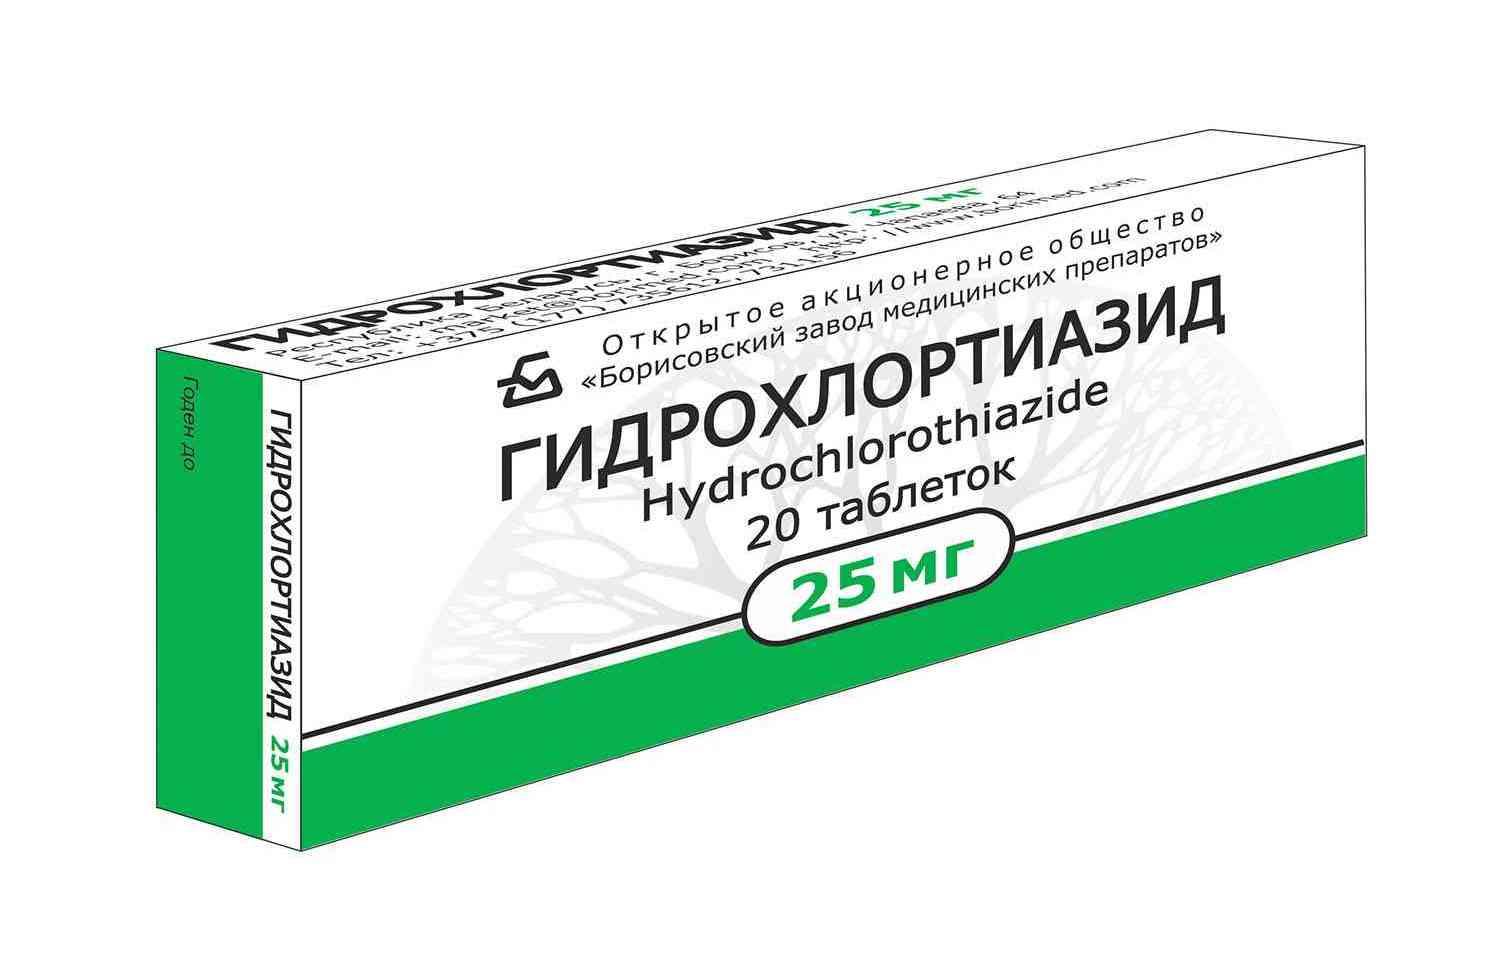 magas vérnyomású gyógyszerek osztályozása